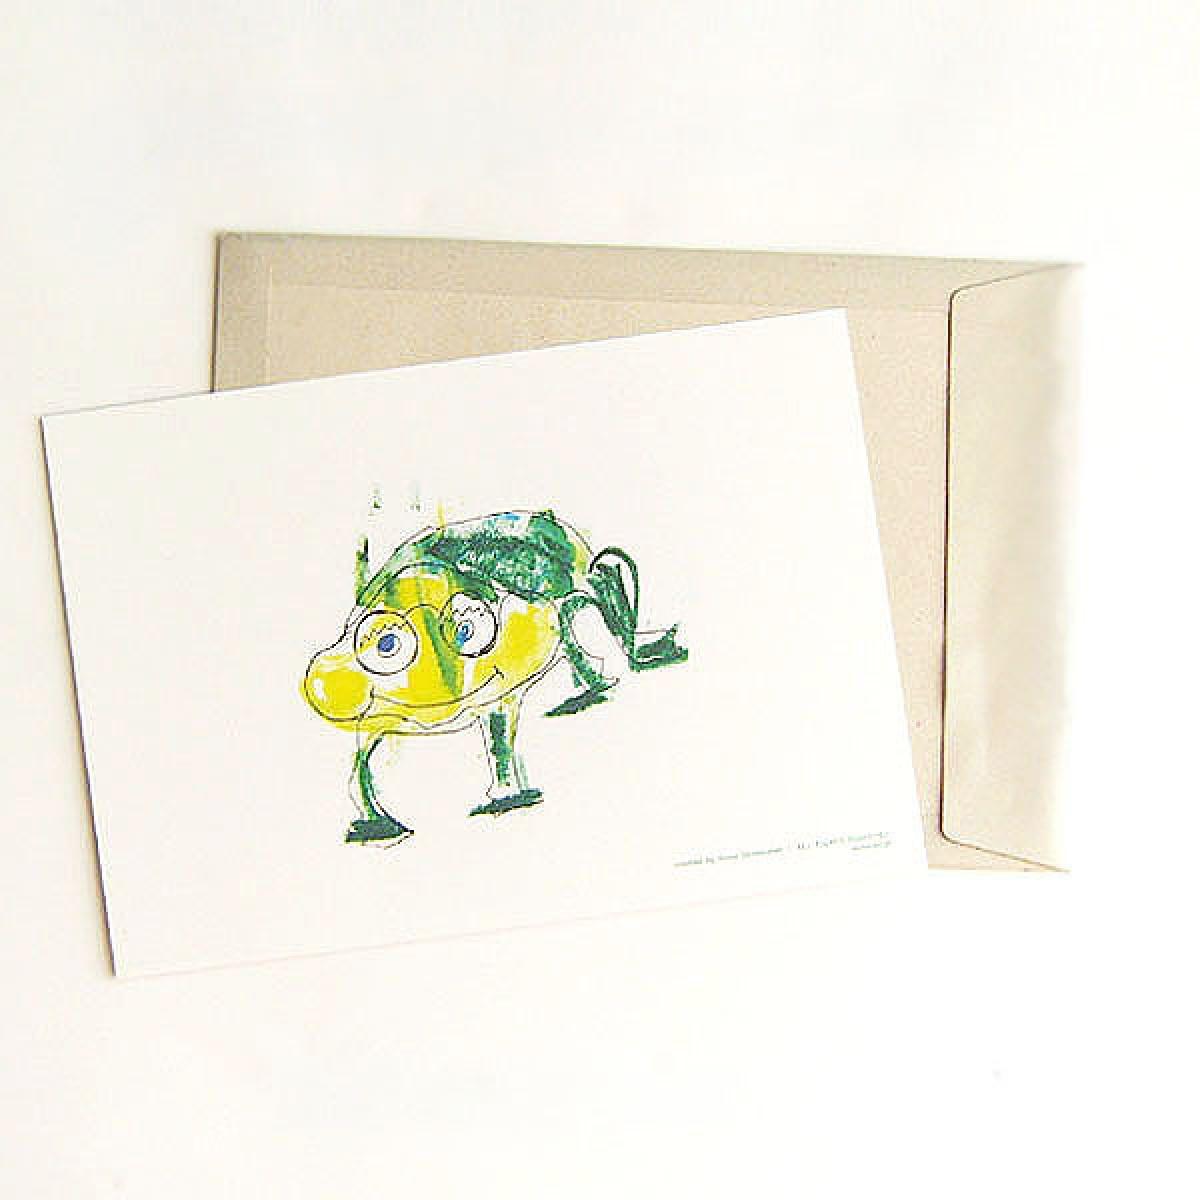 żaba plakat dla dzieci, żaba obrzek do pokoju dziecka, ładny plakat z żabą, plakat do dziecięcego pokoju